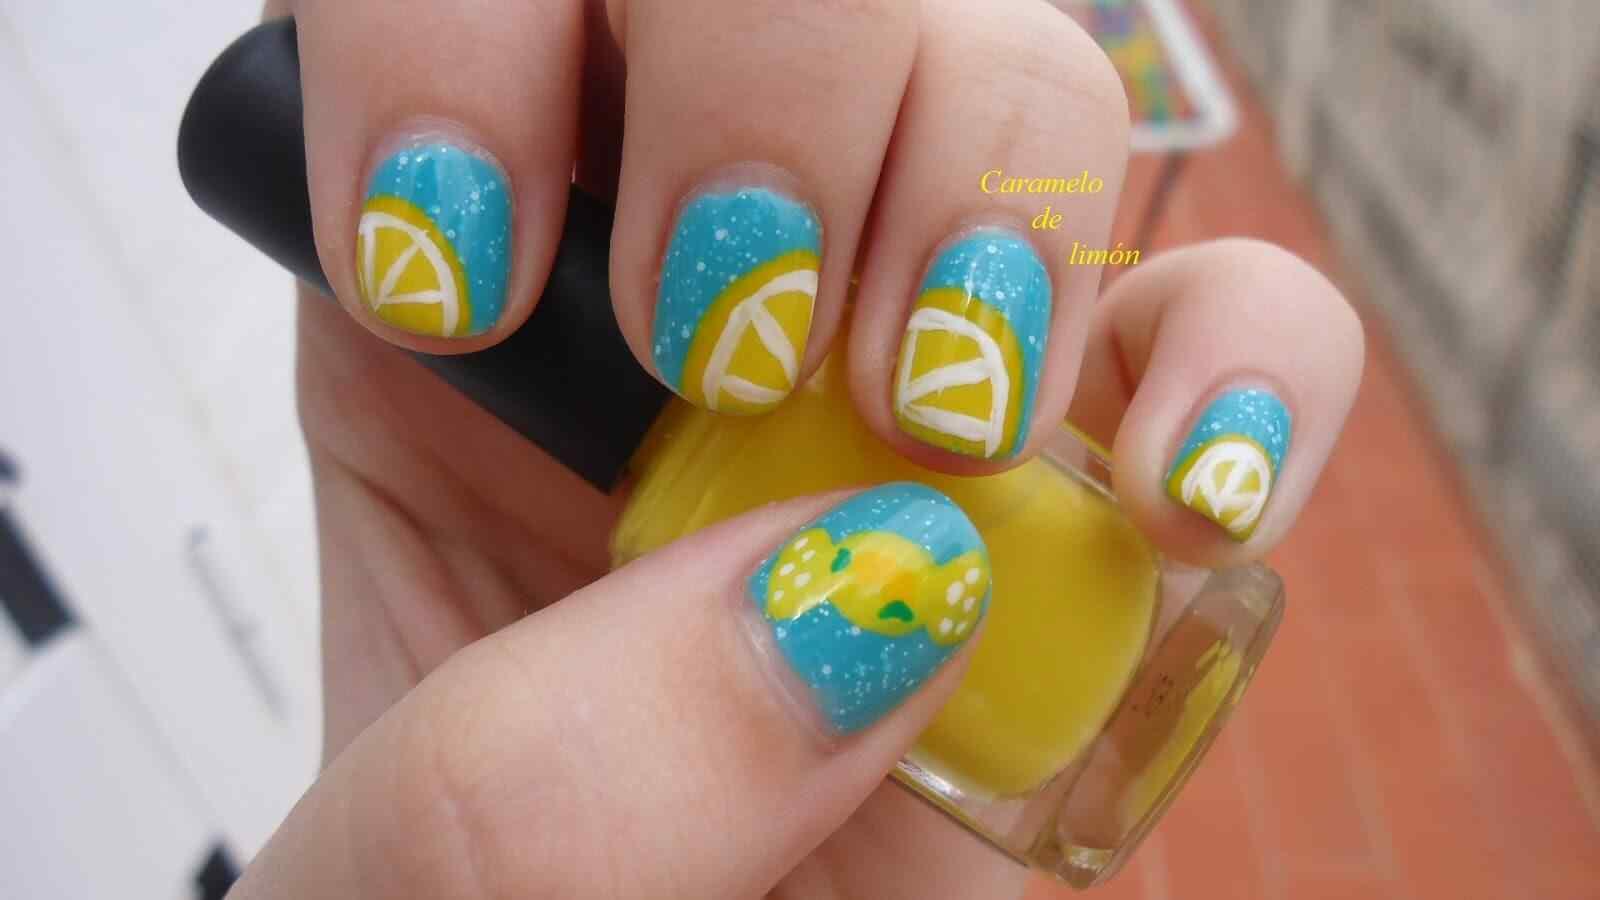 100 u as de verano u as decoradas nail art